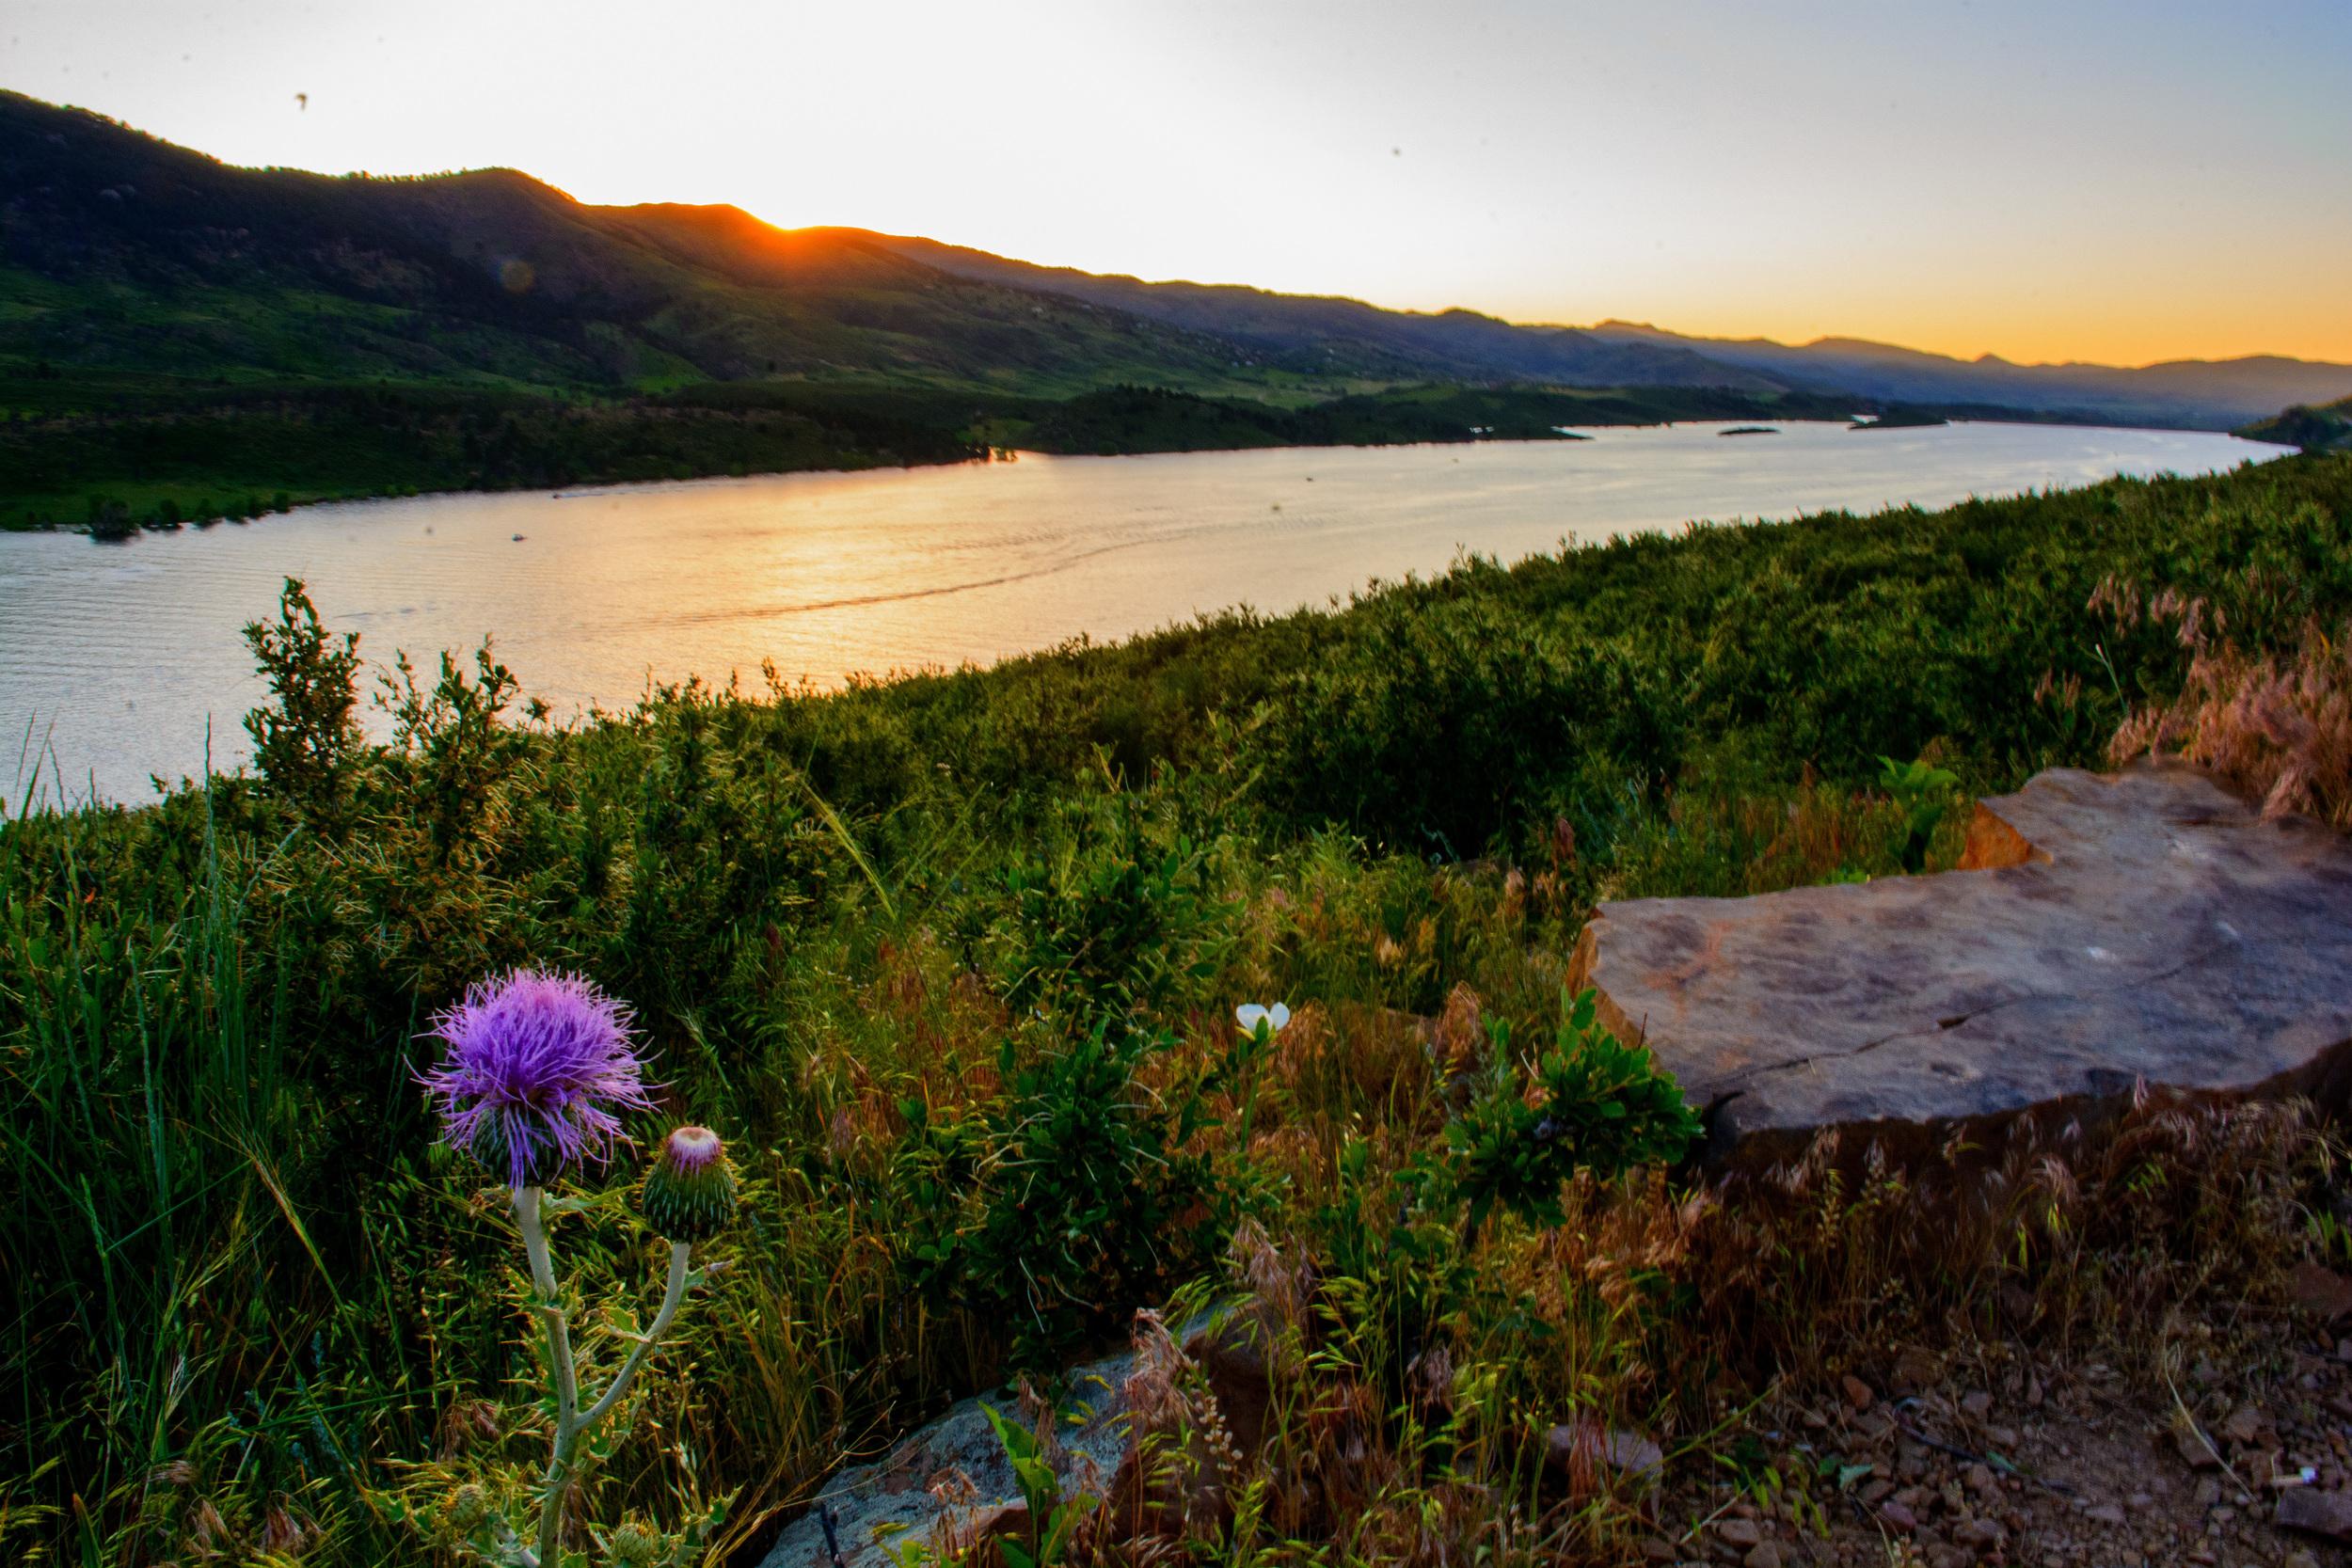 6-14 Photo: Overlooking Horsetooth Reservoir, Fort Collins CO